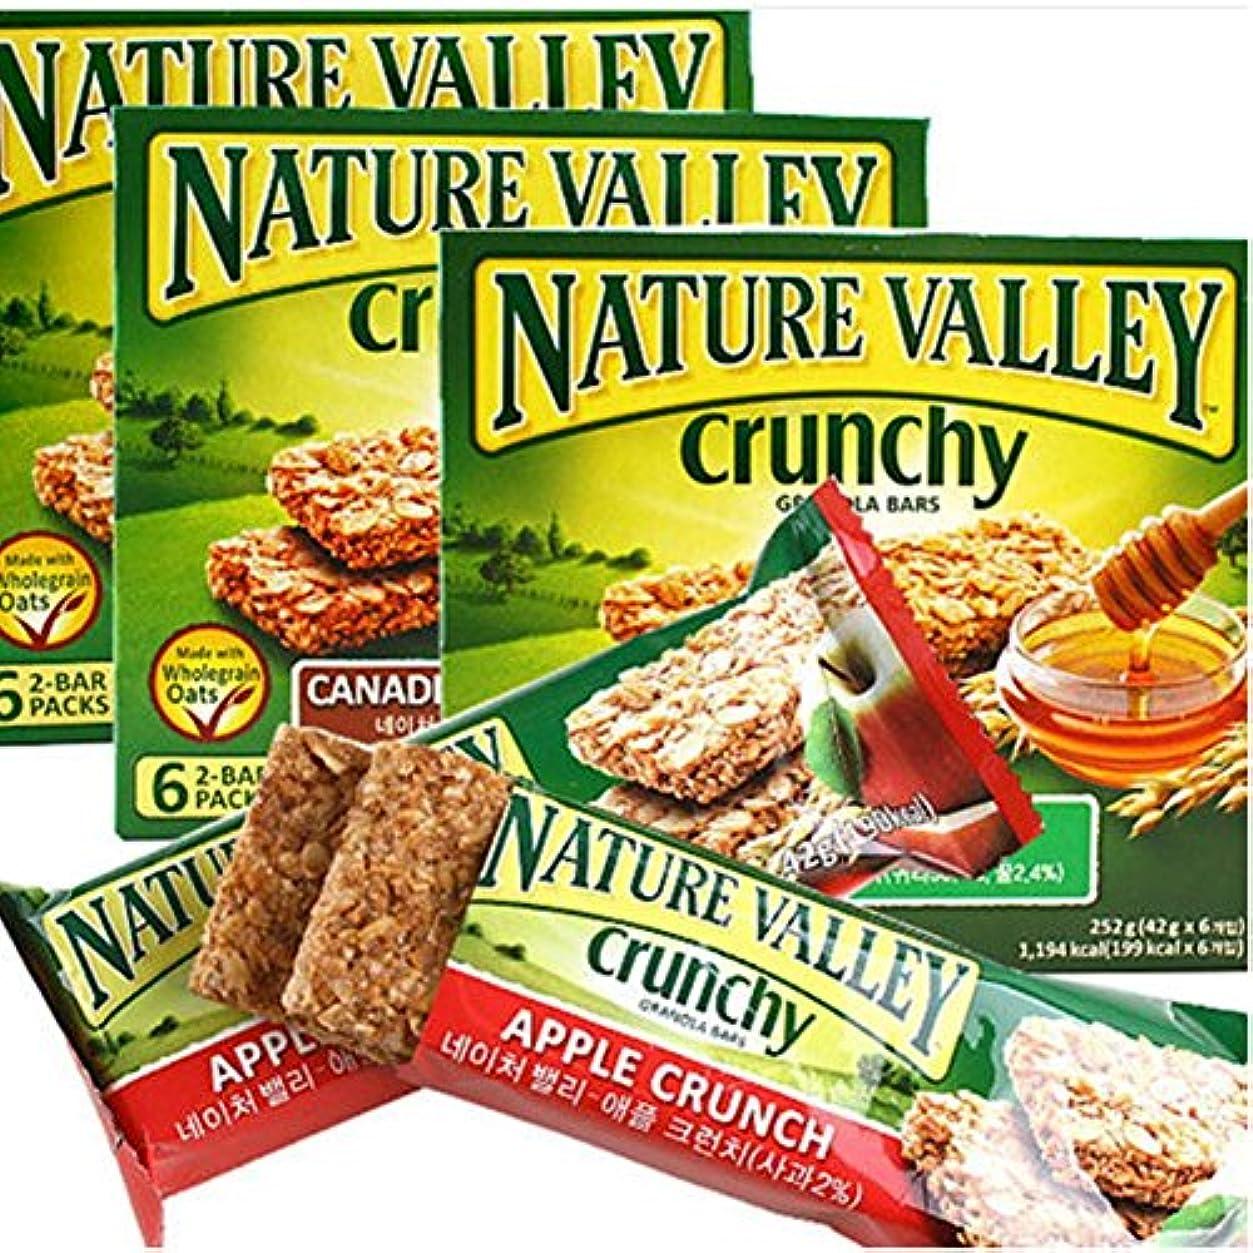 誤解する口径コミットメント[ネイチャーバレー/Nature Valley] APPLE CRUNCH SYRUP/ネイチャーバレークランチグラノーラバー42g5パックx3 Box - アップルクランチシロップ(合計15袋)穀物バー/シリアル/栄養...